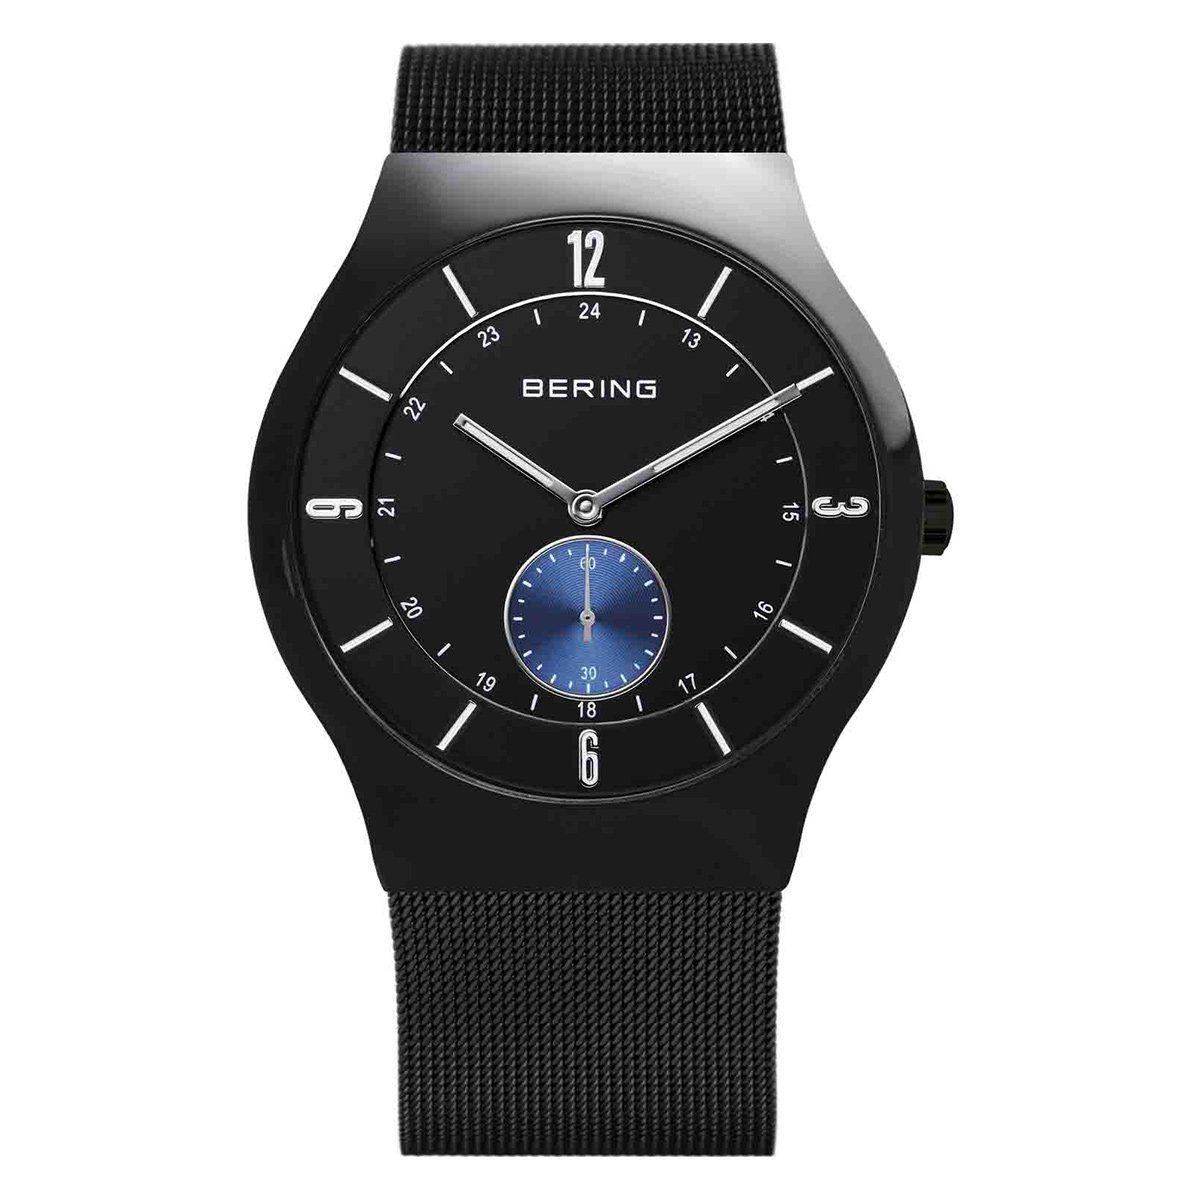 Relógio Bering 11940-228 Analógico Masculino